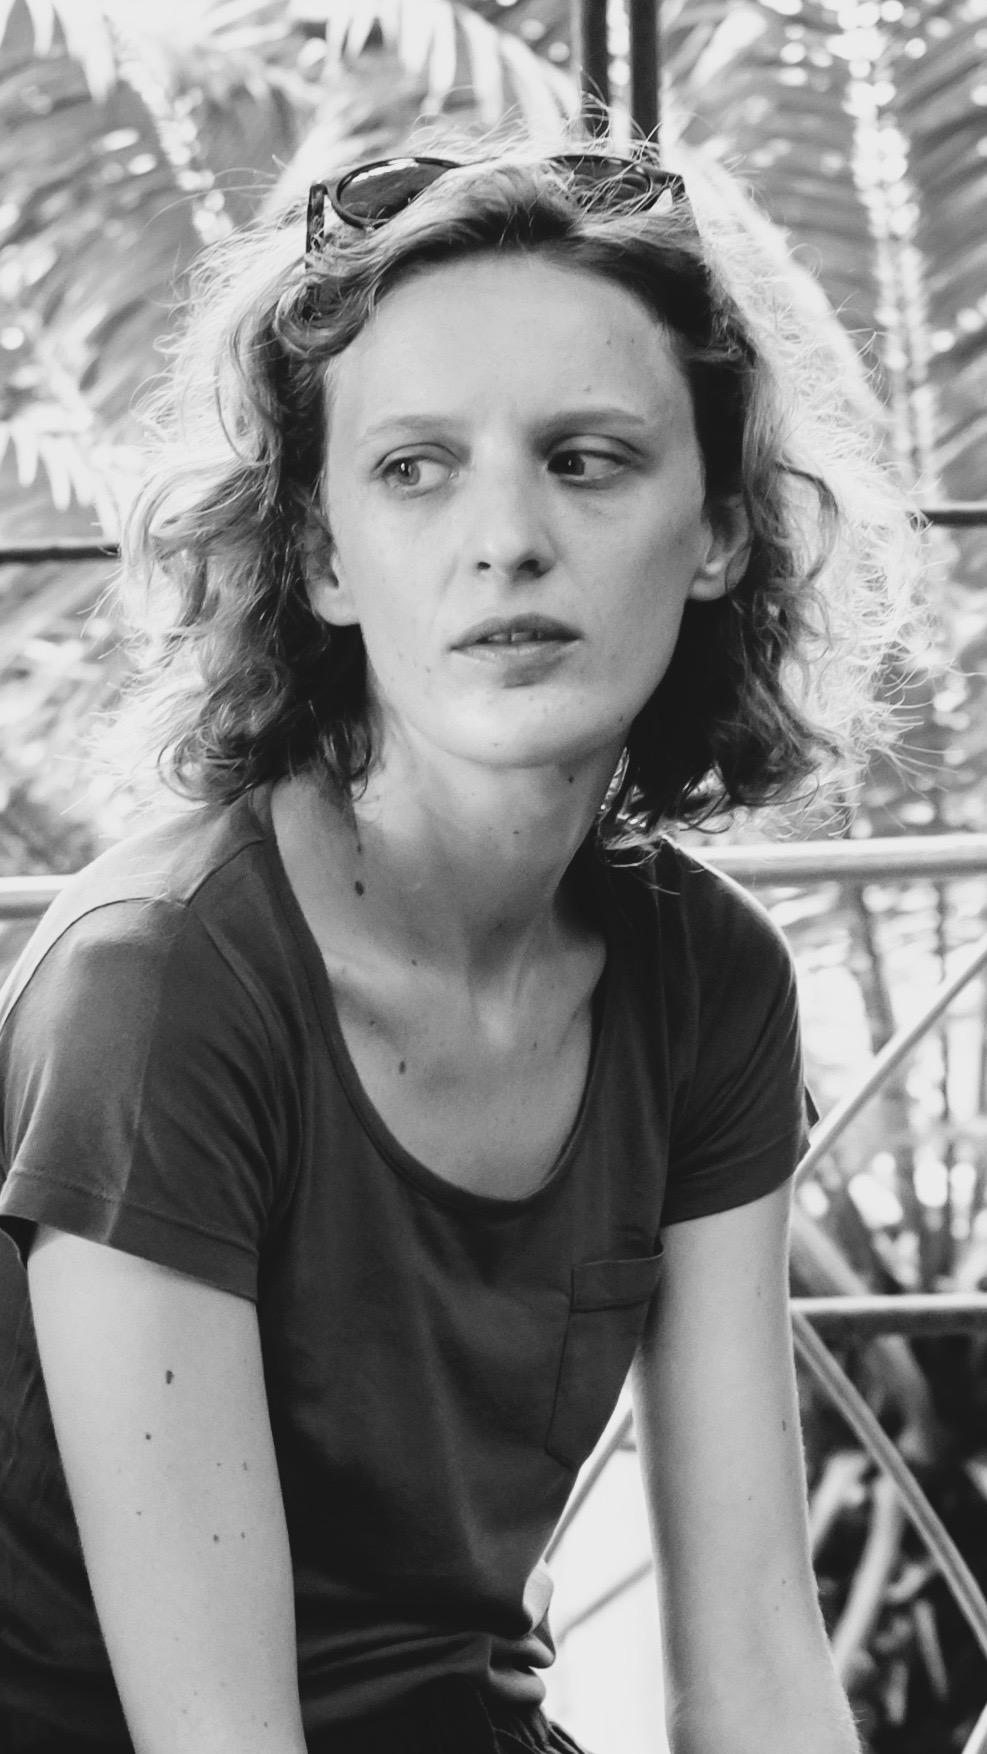 Mia Hansen-Løve sur le tournage de son film Maya (2017) © Wolfgang Borrs, www.borrs.de, info@borrs.de; ]